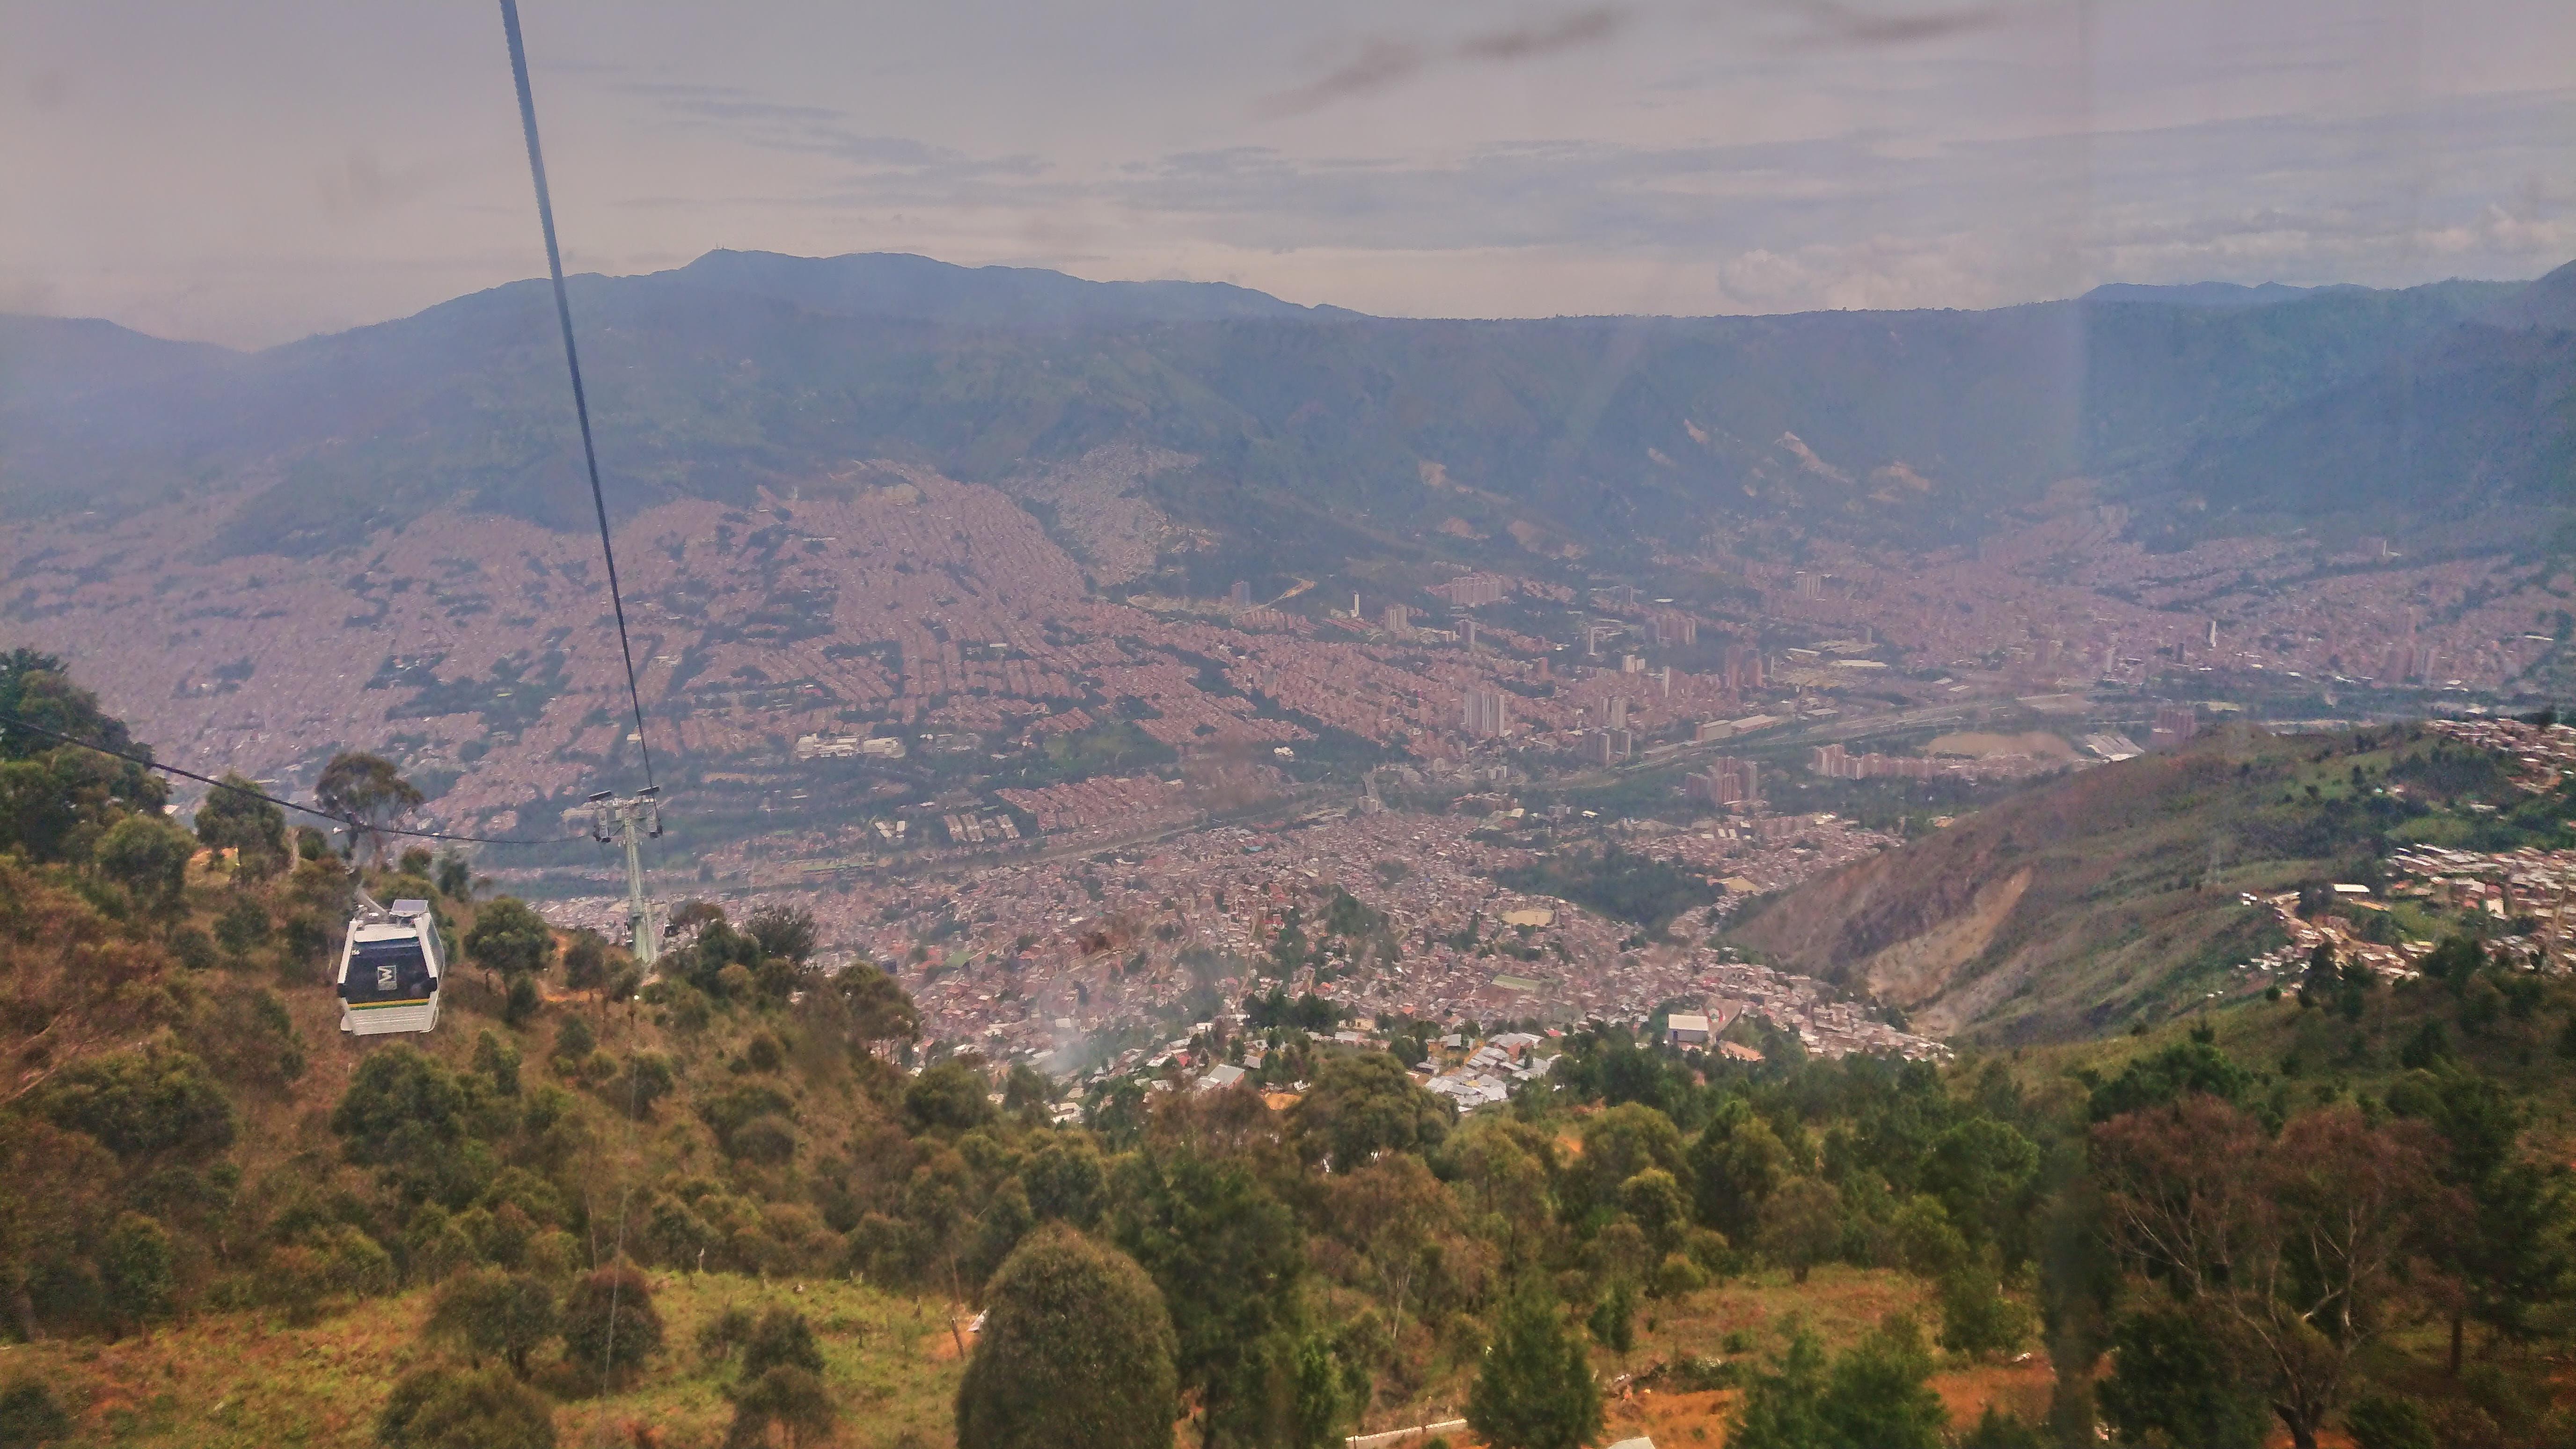 Per Cablecar in die Metropole, Medellin, Kolumbien 2019